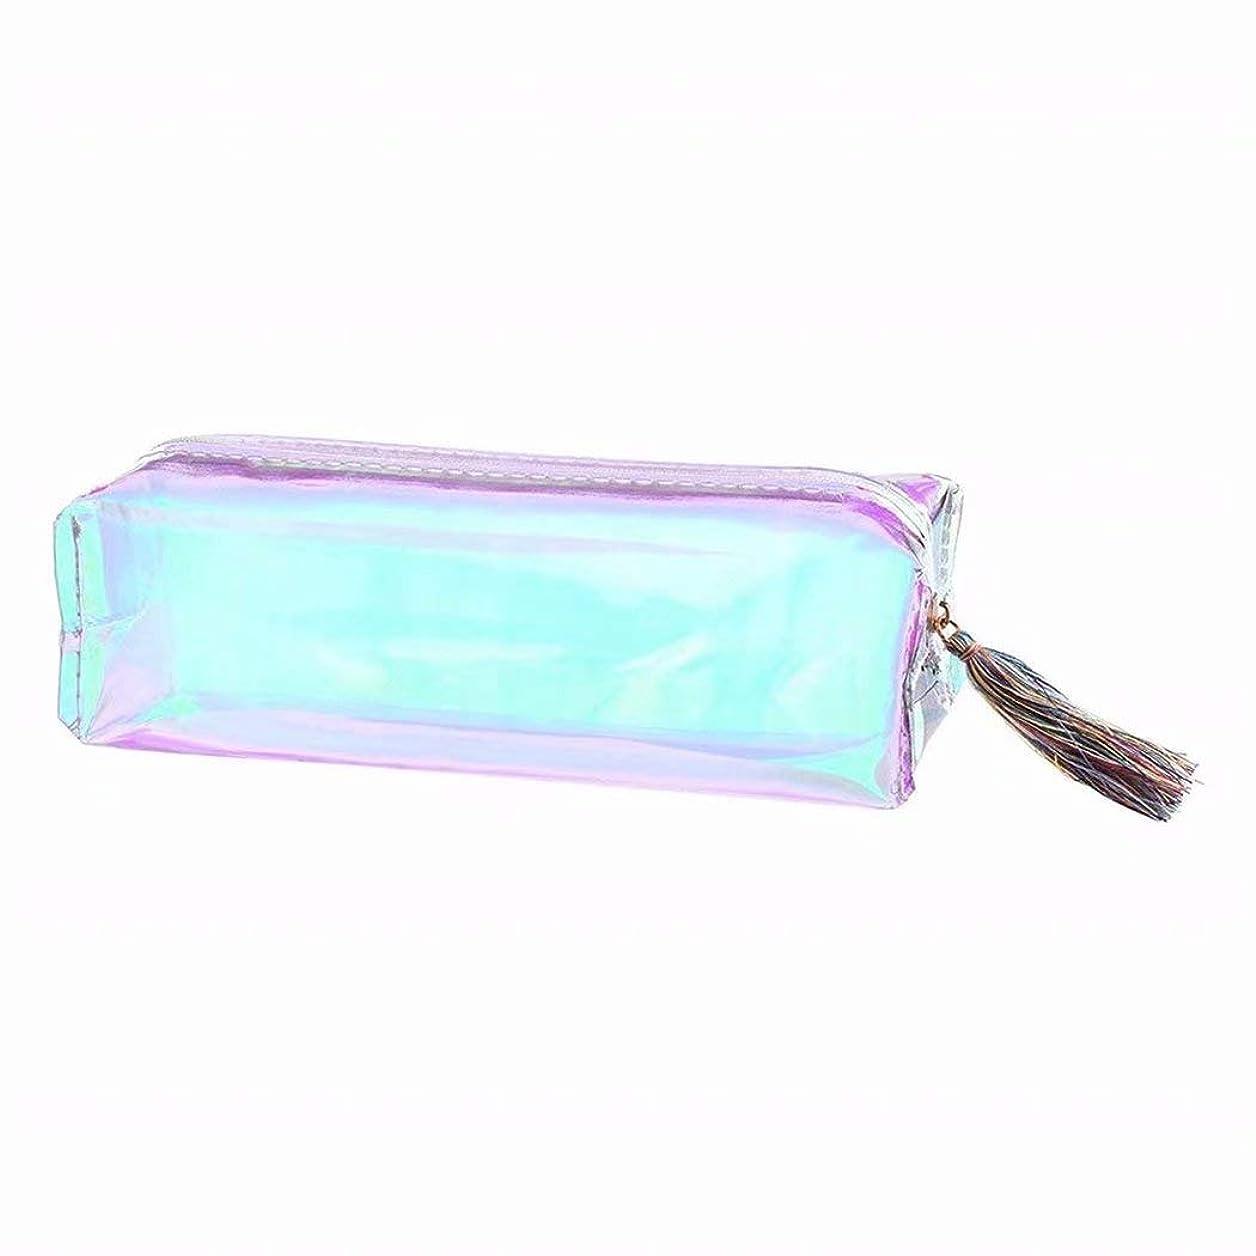 捕虜教えて病的七里の香 大容量の文房具の鉛筆のペンケースの化粧品袋のジッパーの袋の財布